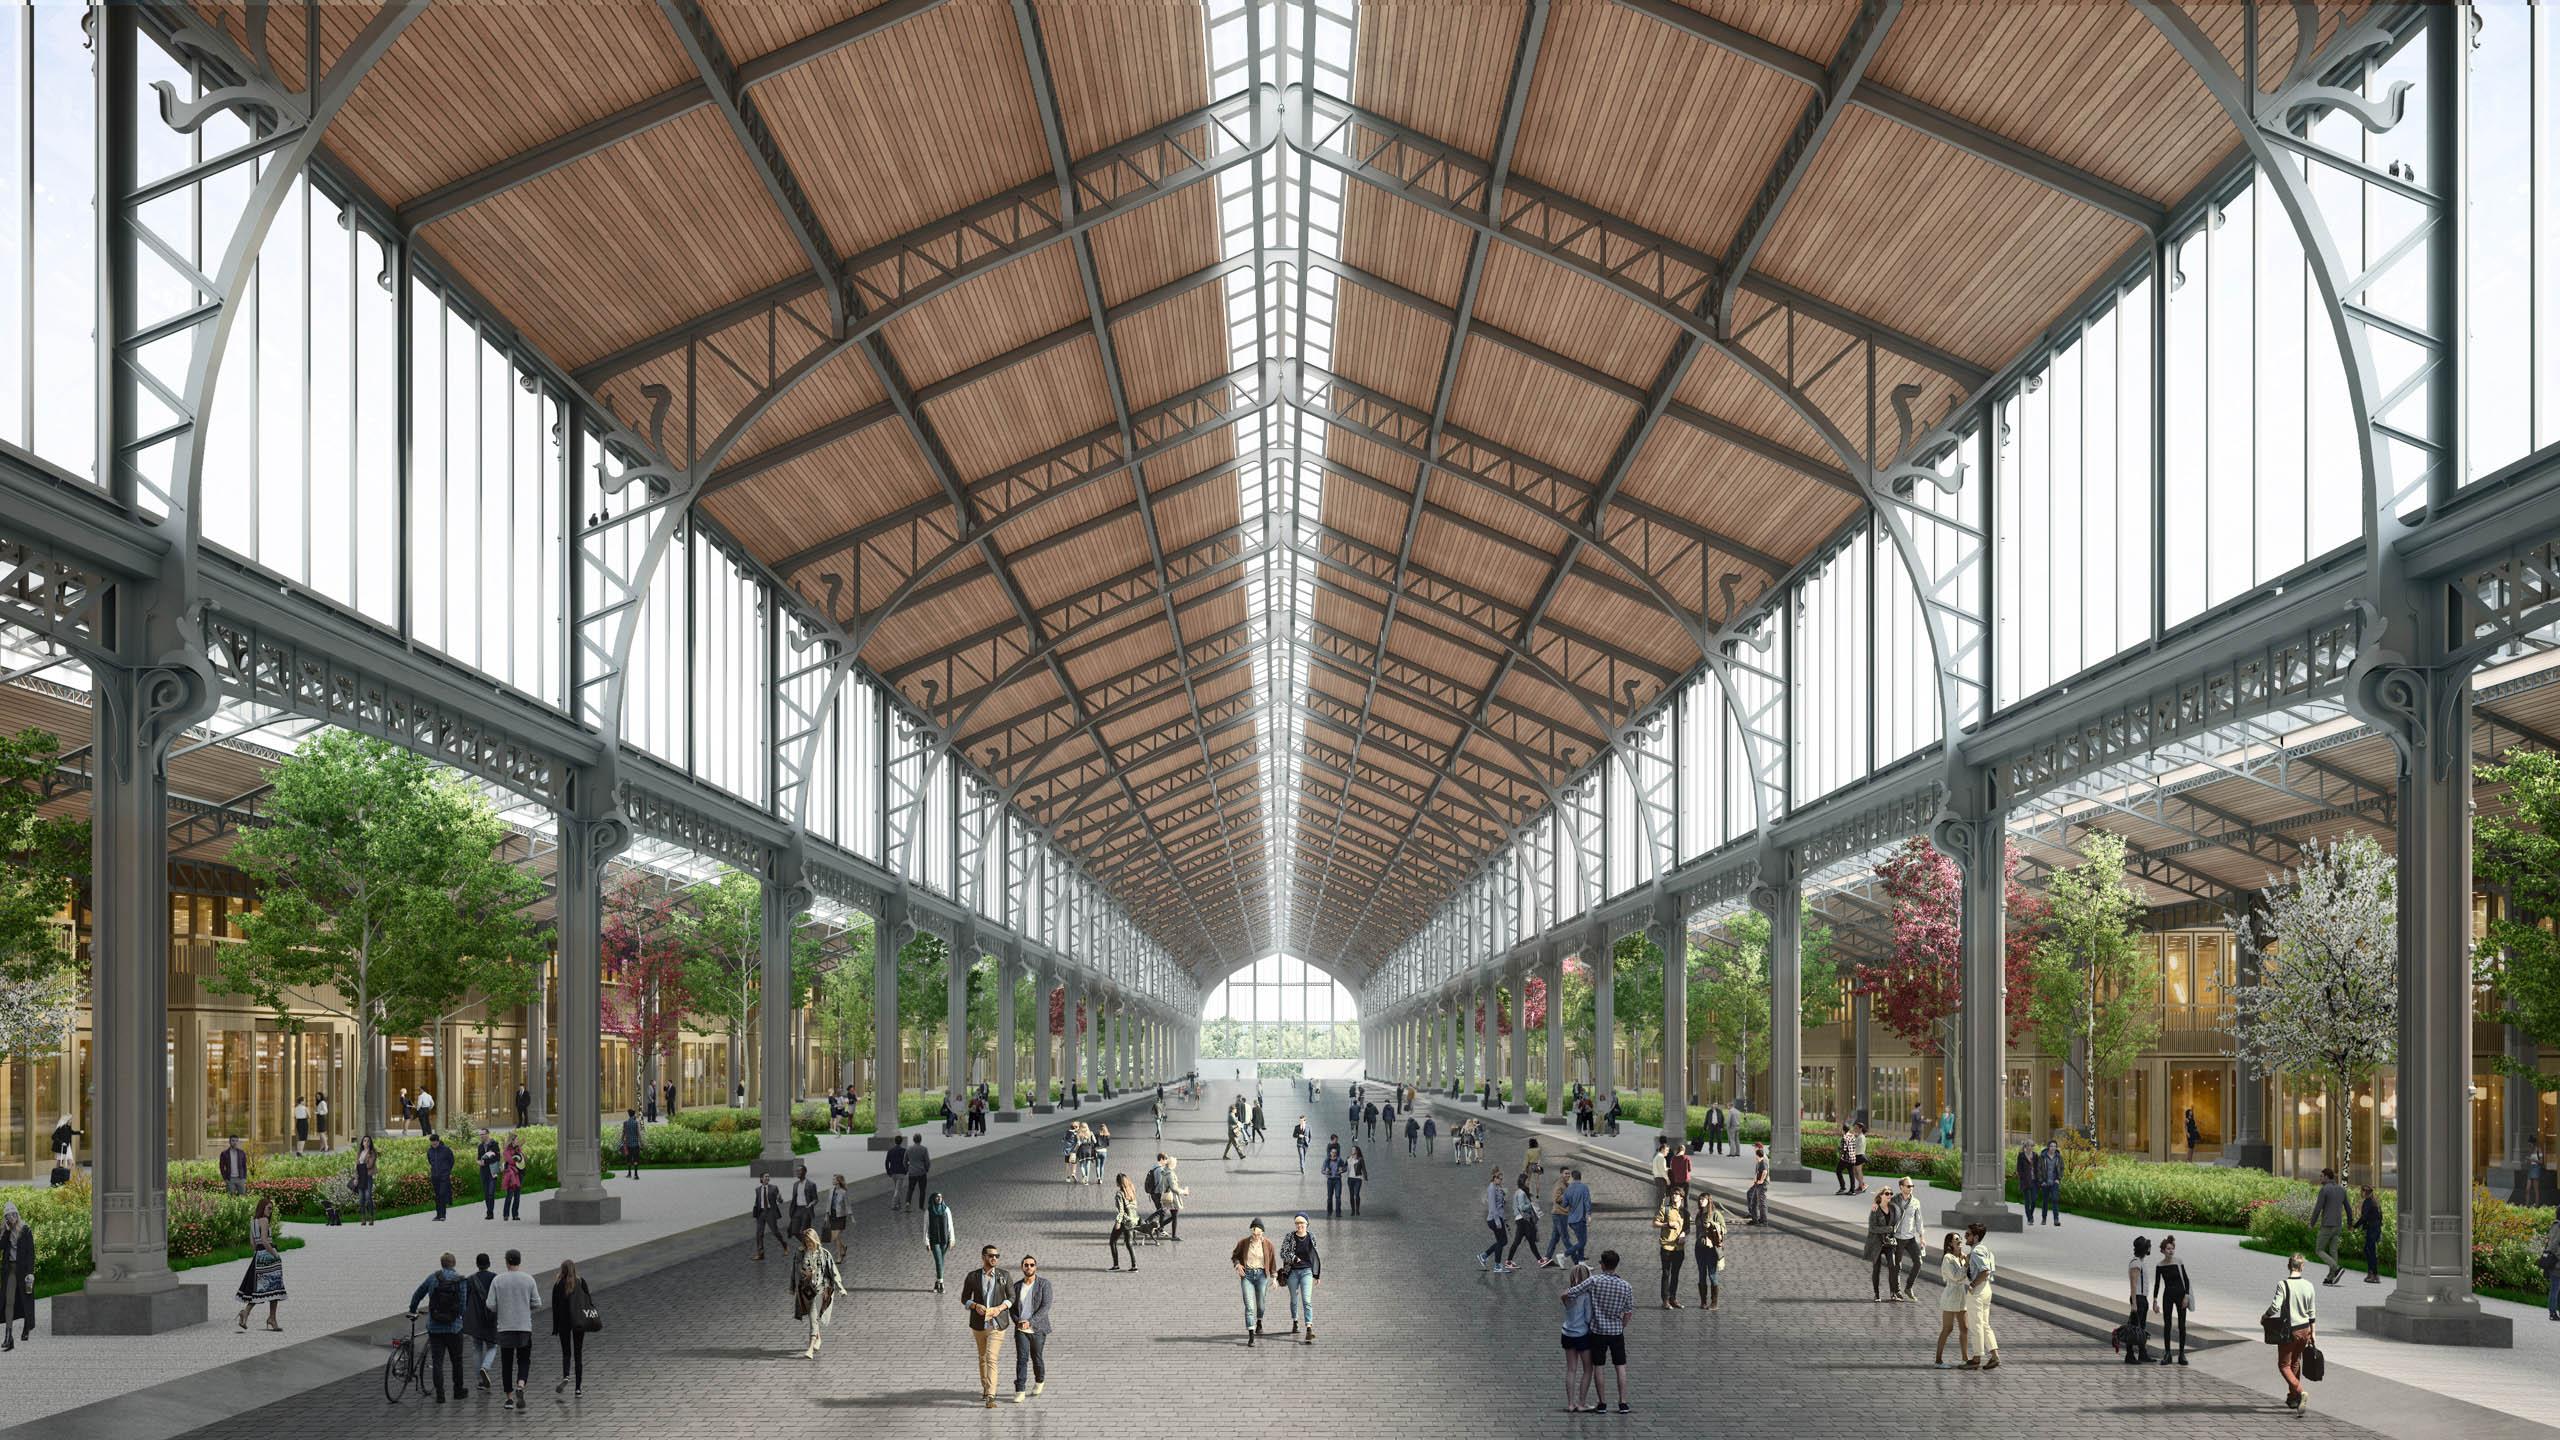 Tour & Taxis Gare Maritime interior